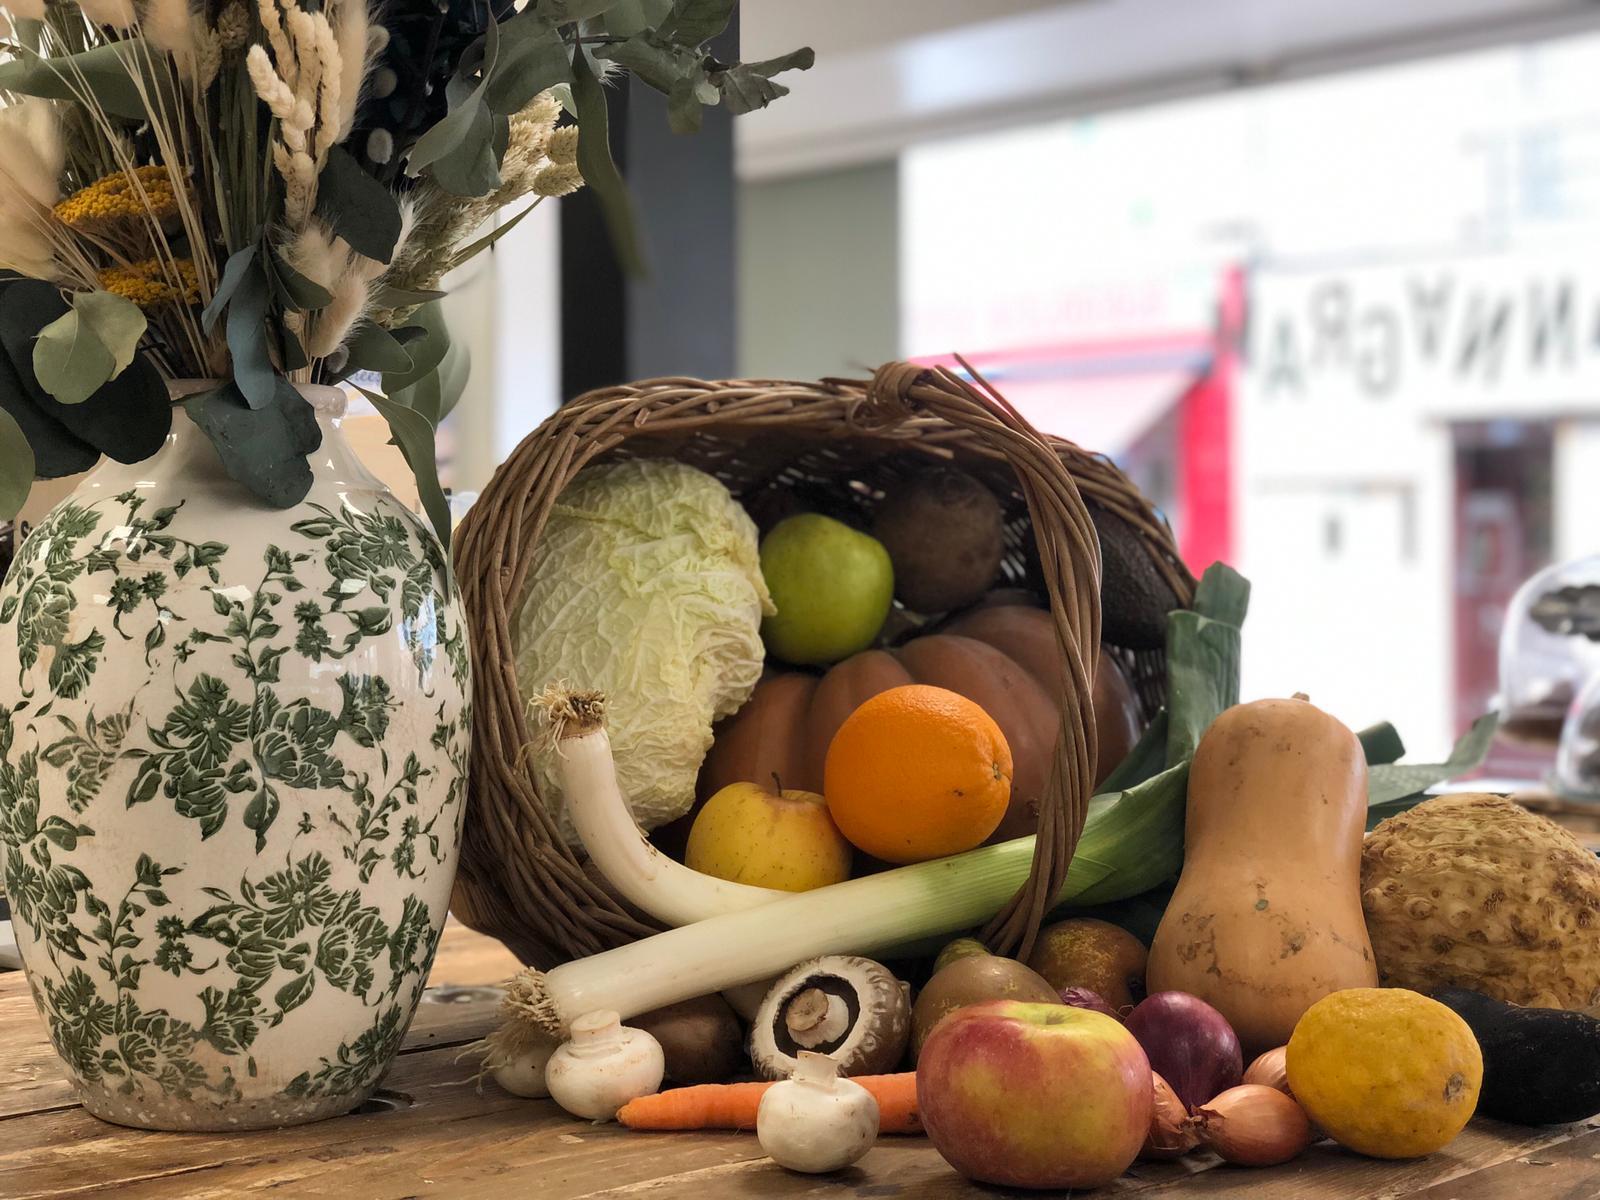 Fruits et légumes bio chez Annagram épicerie vrac, magasin bio situé au Mans